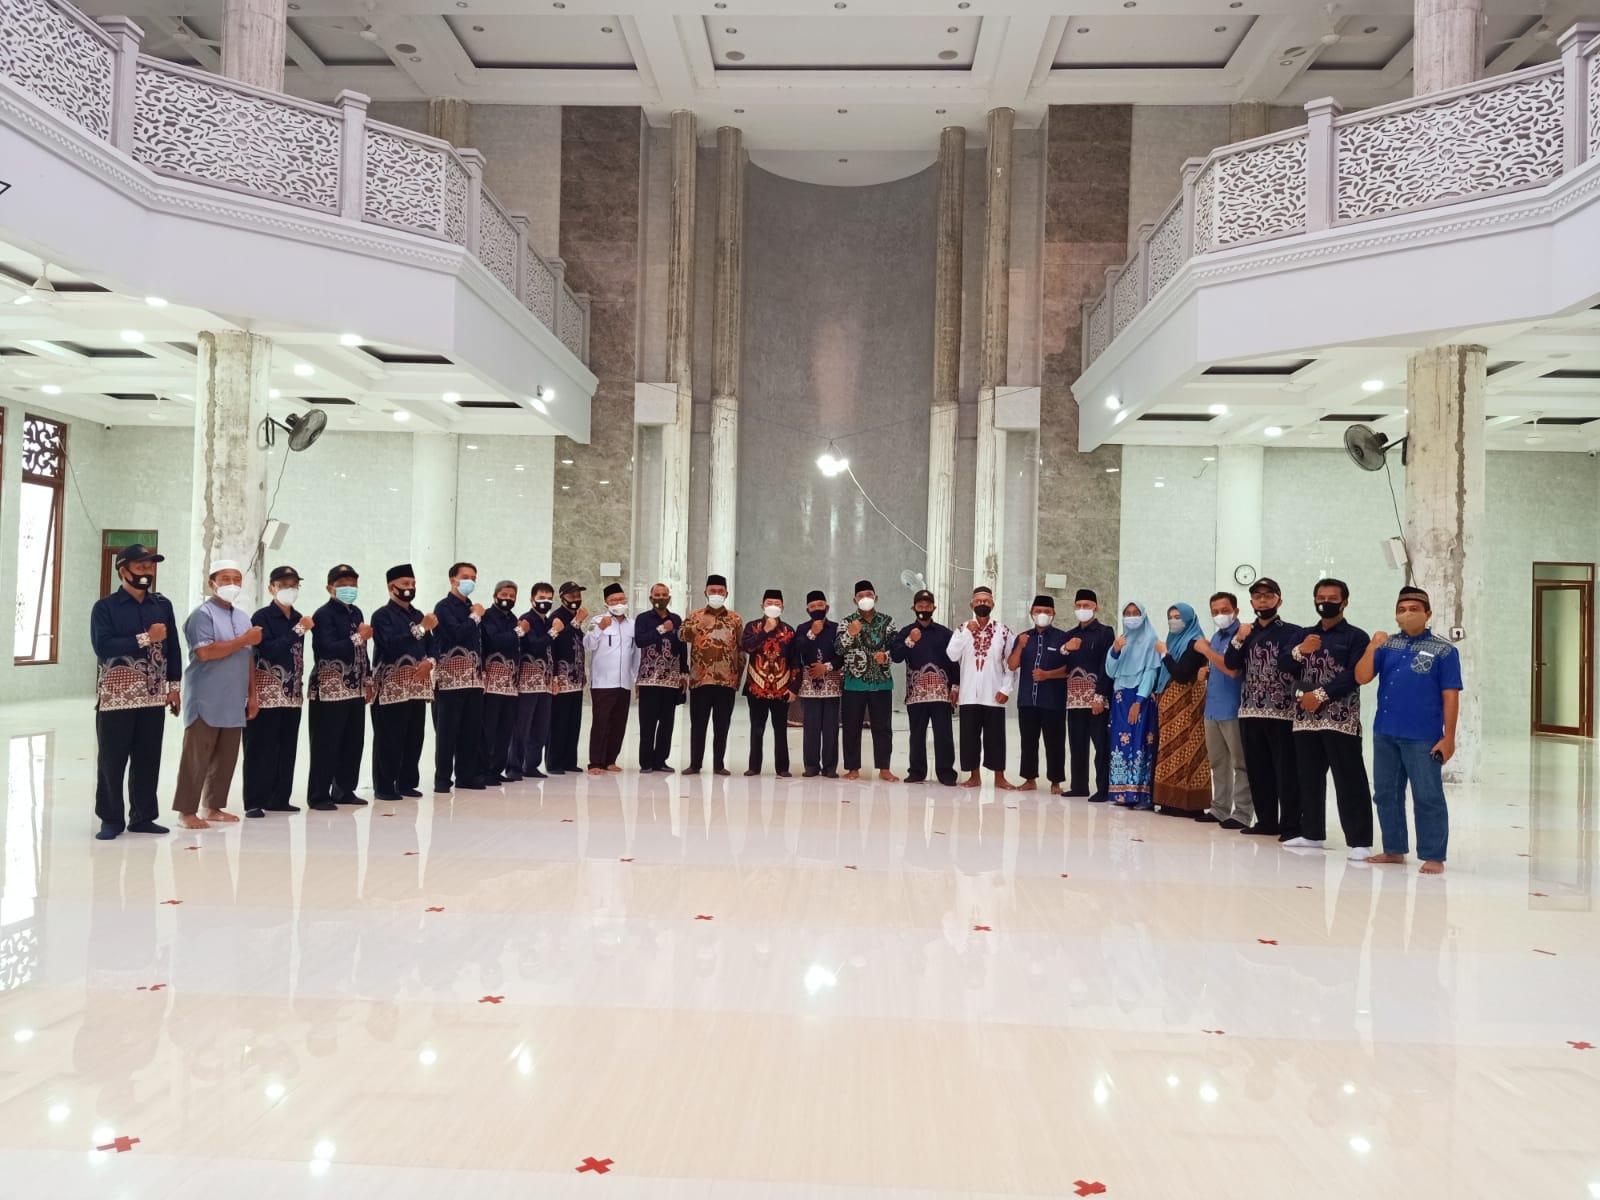 Rombongan FKUB Nunukan di Masjid Nurul Hasanah Berau Kalimantan Timur, Selasa (21/9). Foto: Istimewa